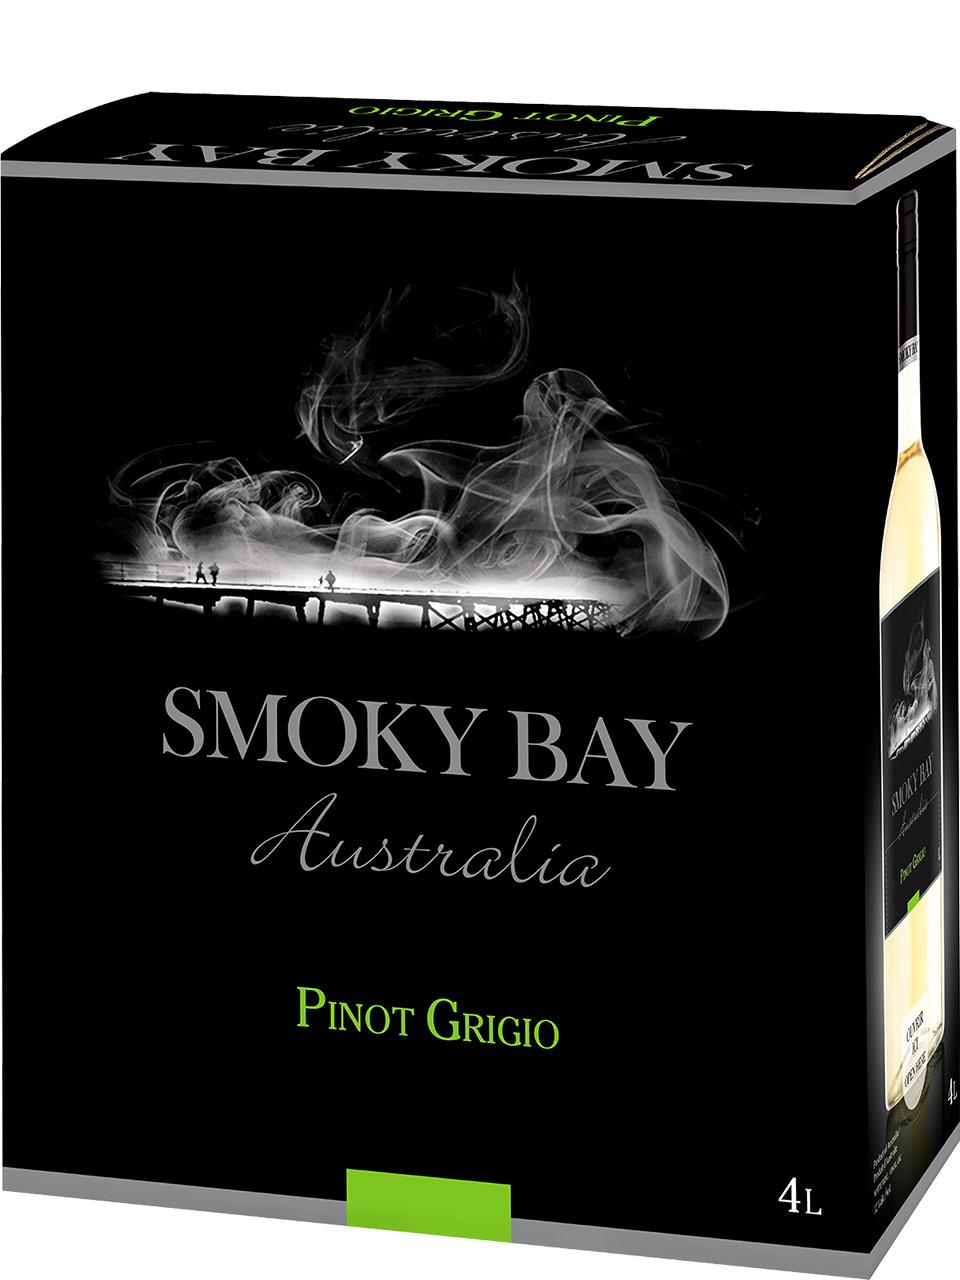 Smoky Bay Pinot Grigio